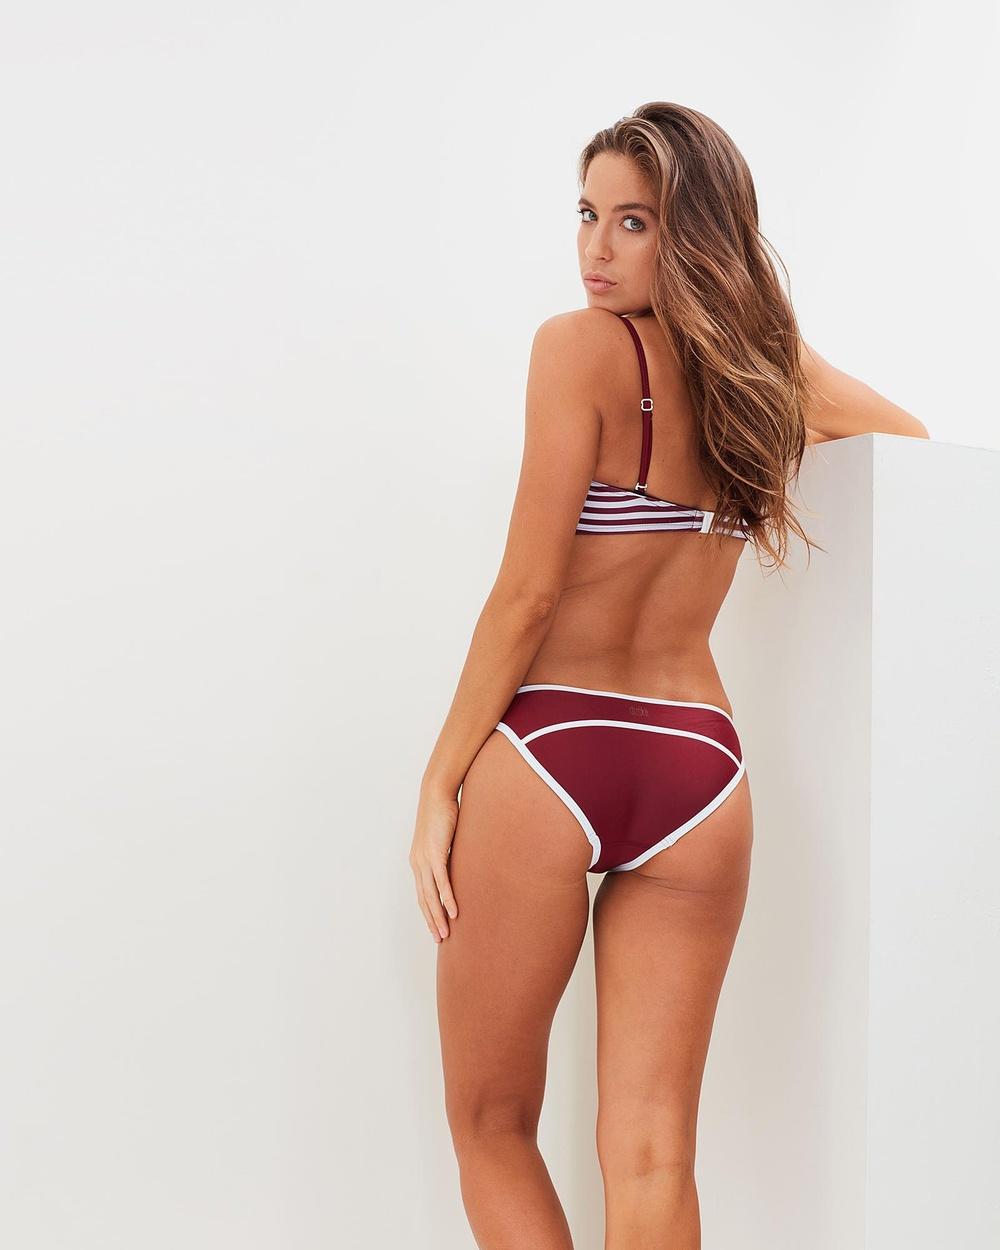 Duskii Hepburn Bikini Bind Pants Bikini Bottoms Burgundy Hepburn Bikini Bind Pants